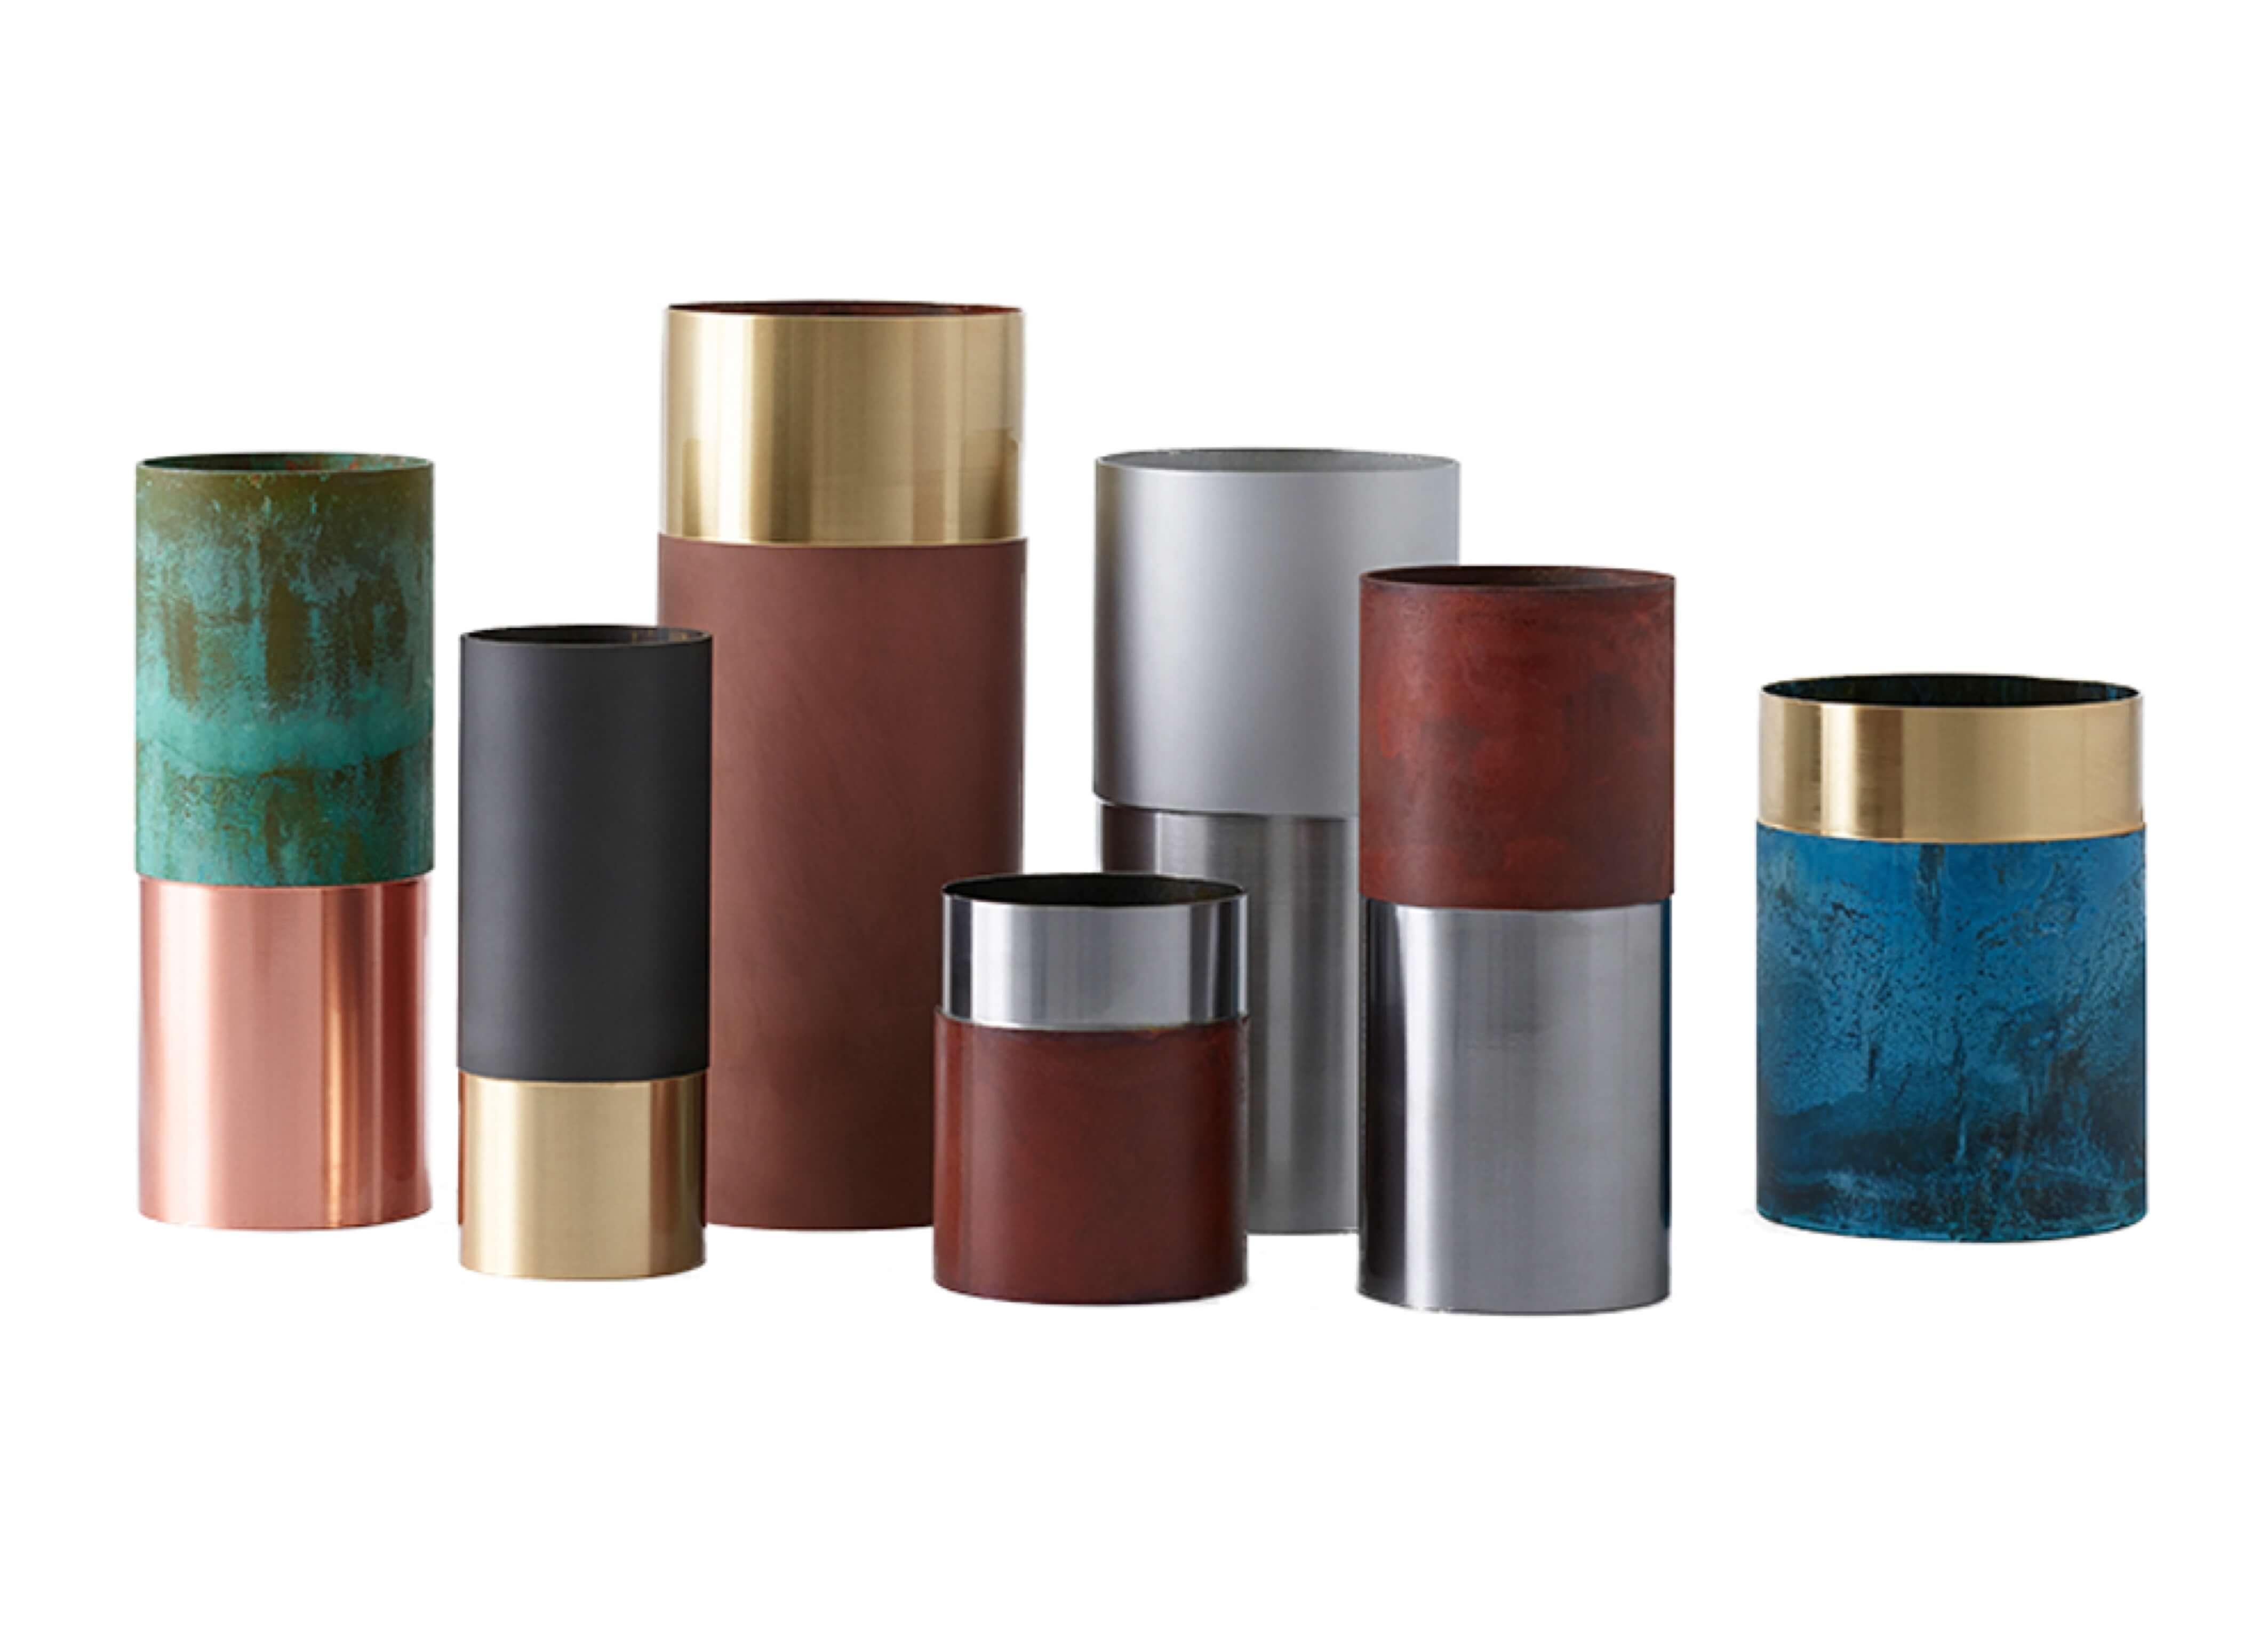 True Colour Vases Cult